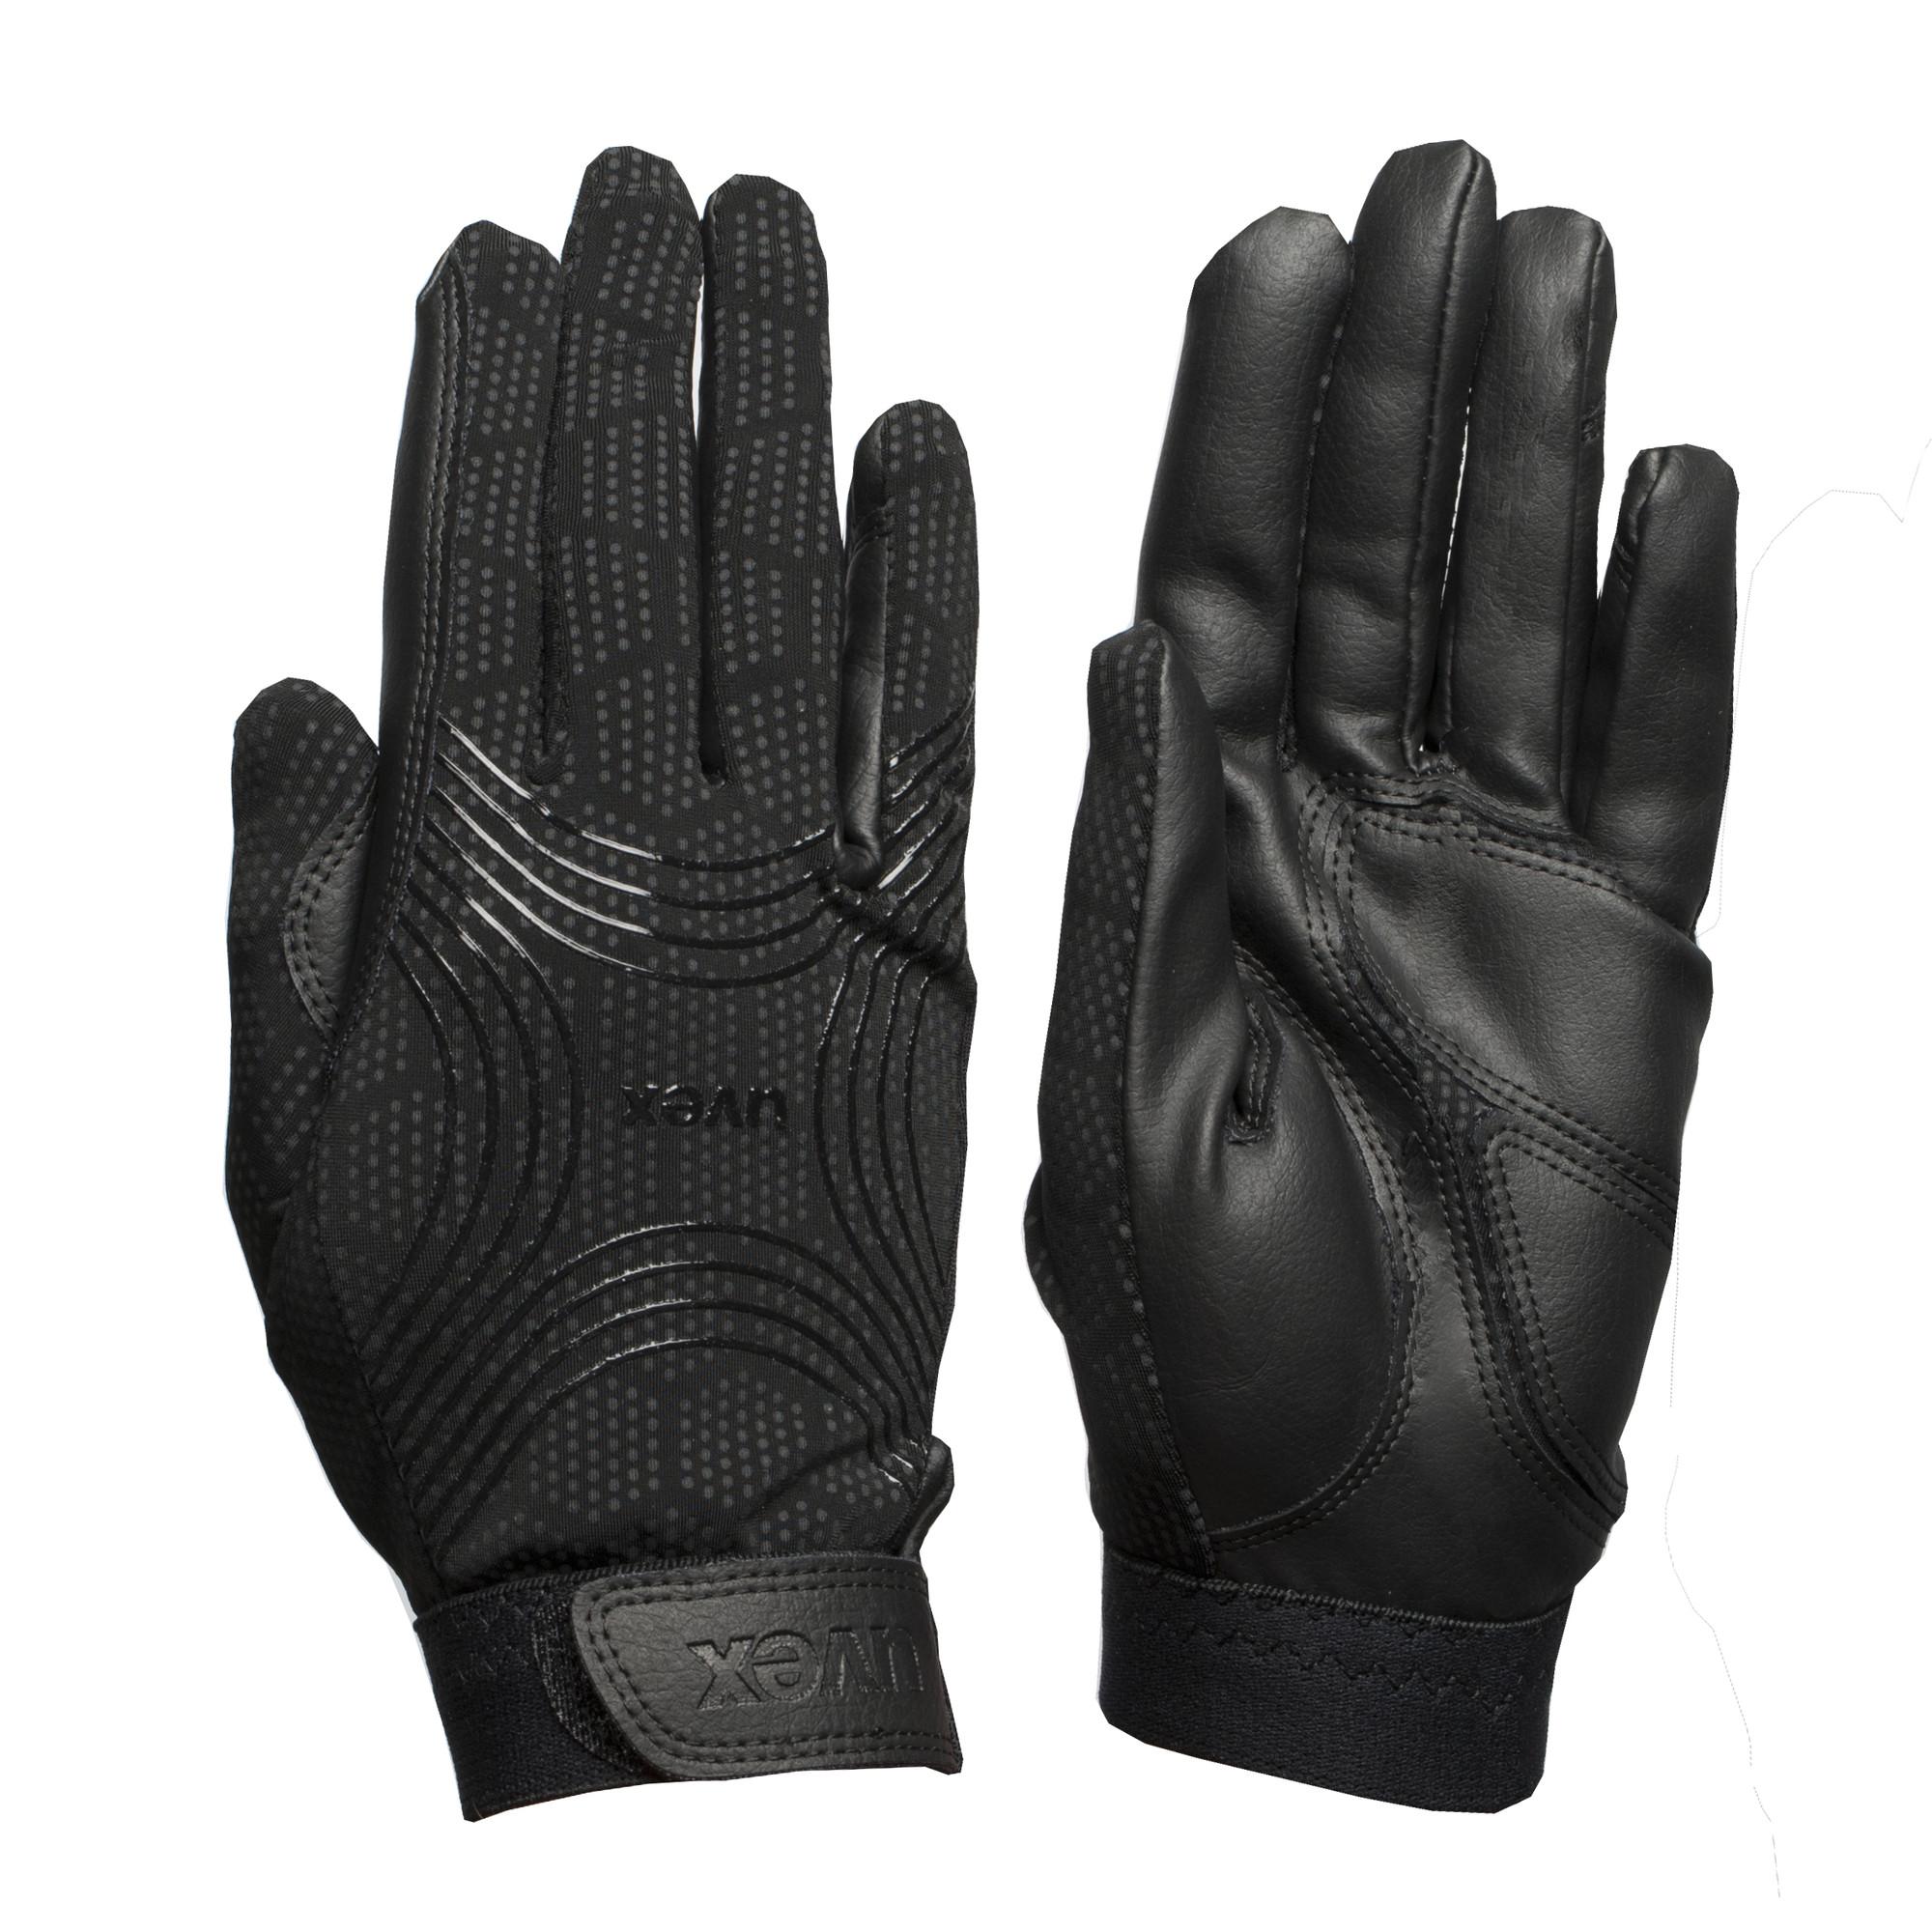 Uvex Handschoenen Ceravent zwart maat:7,5